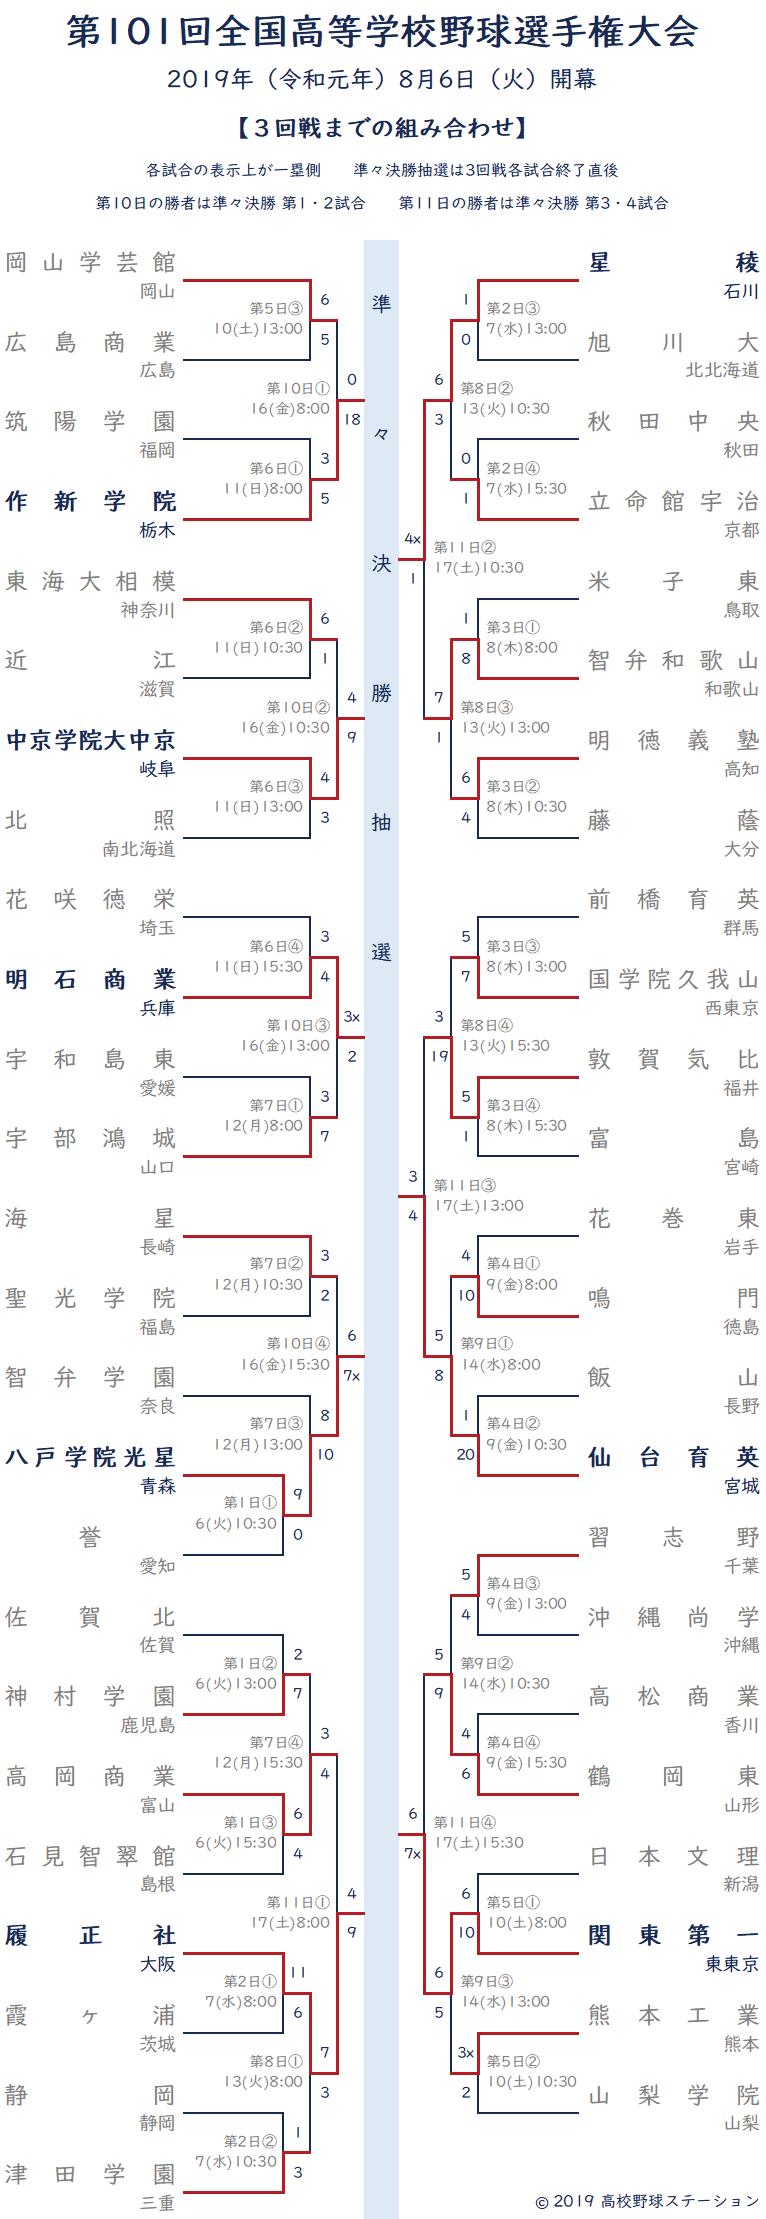 夏の甲子園 2019年 トーナメント表